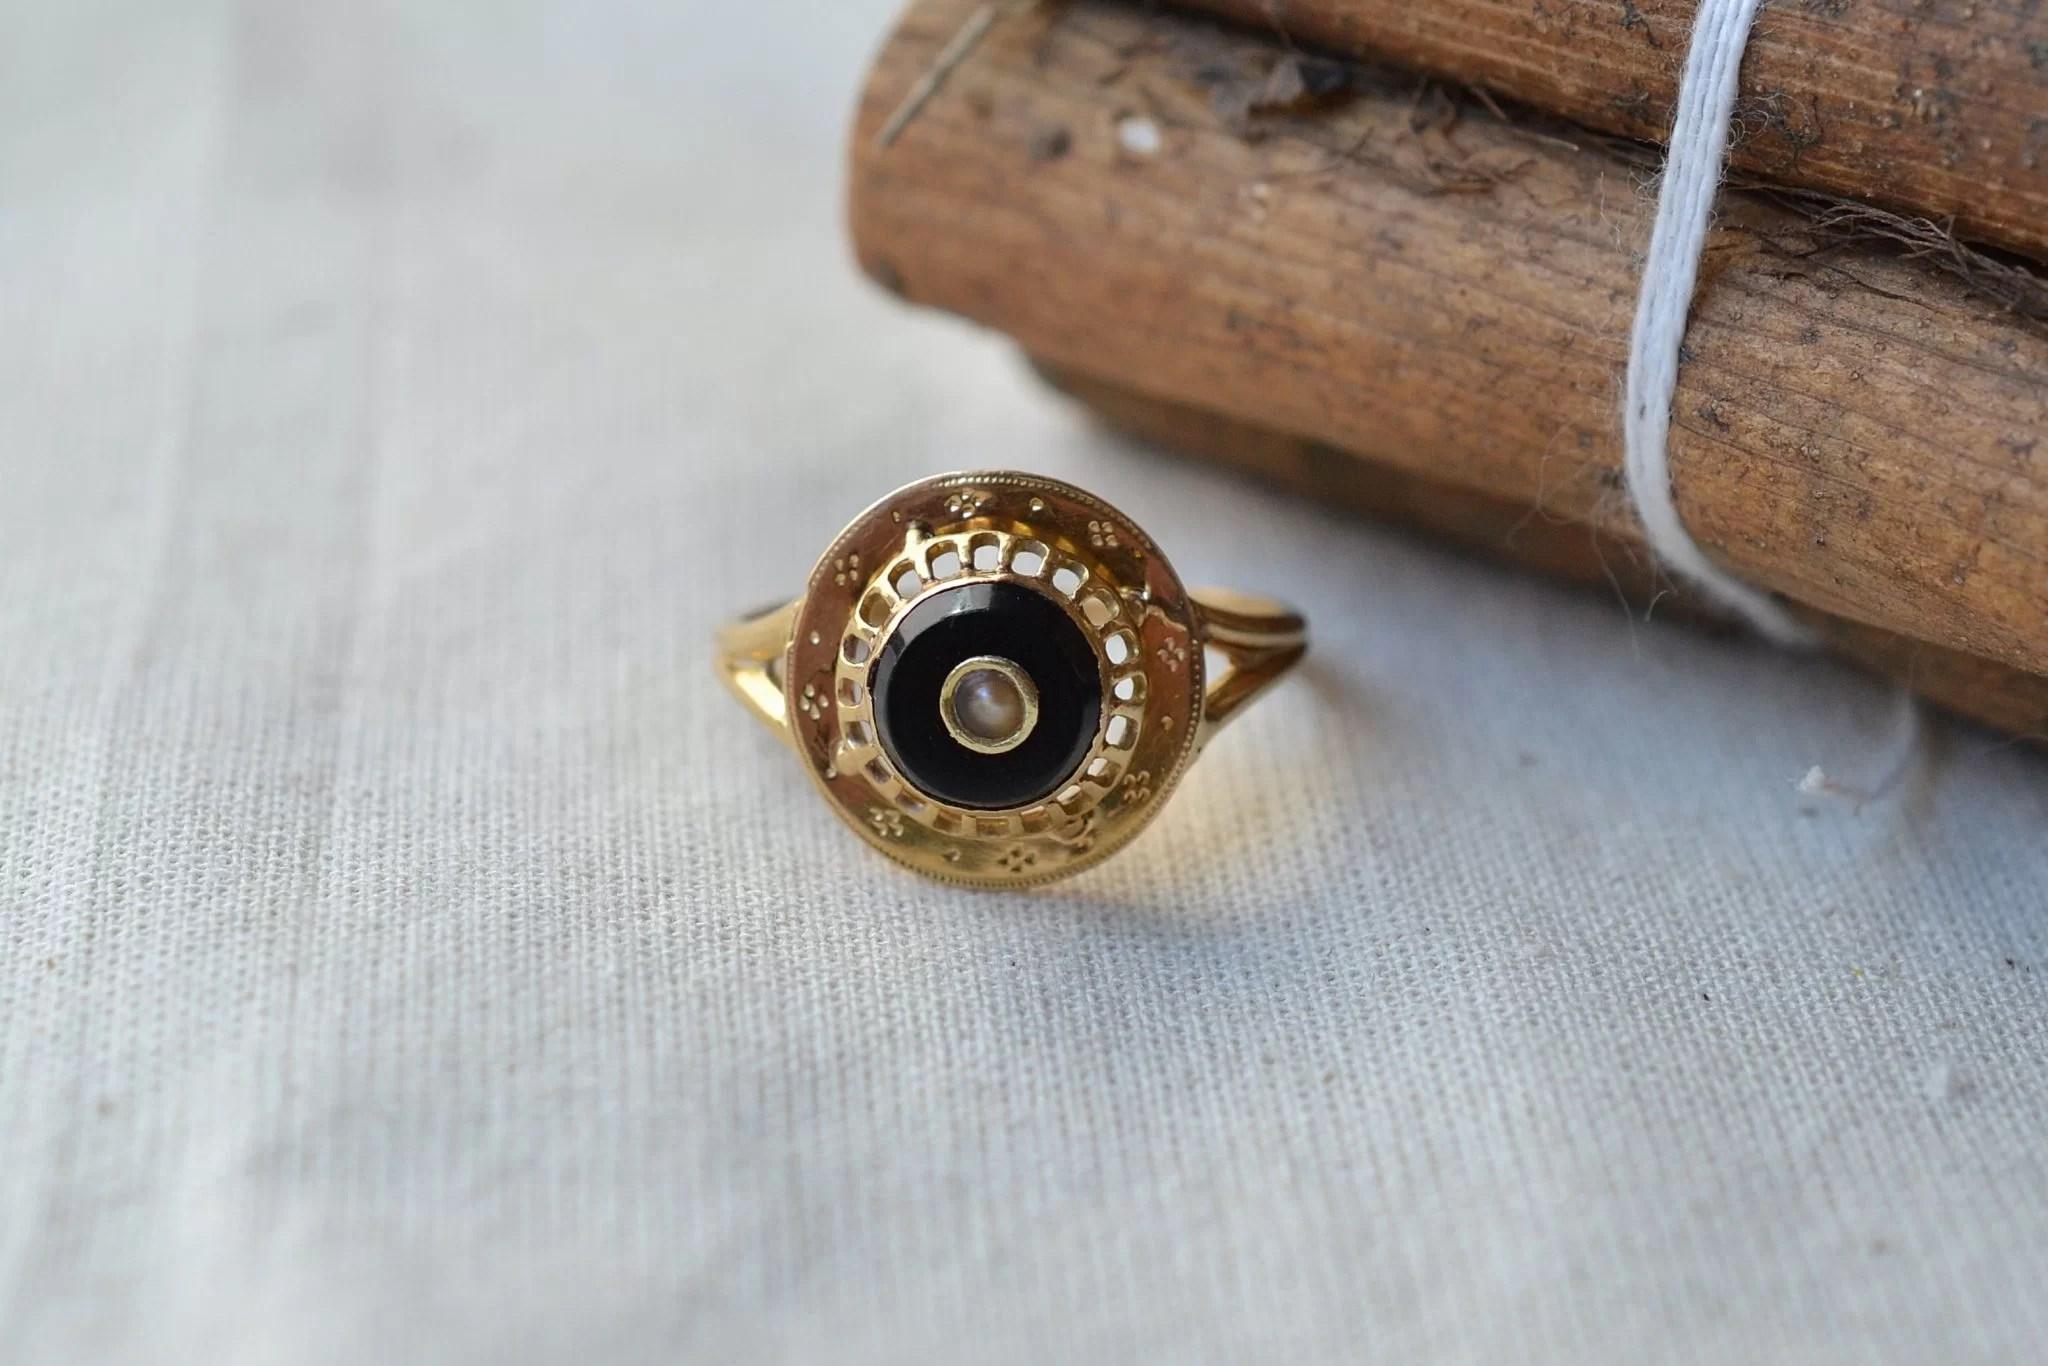 Bague en Or jaune sertie d_une plaque d_onyx noir centrée d_une perle baroque - bague de fiançailles Vintage